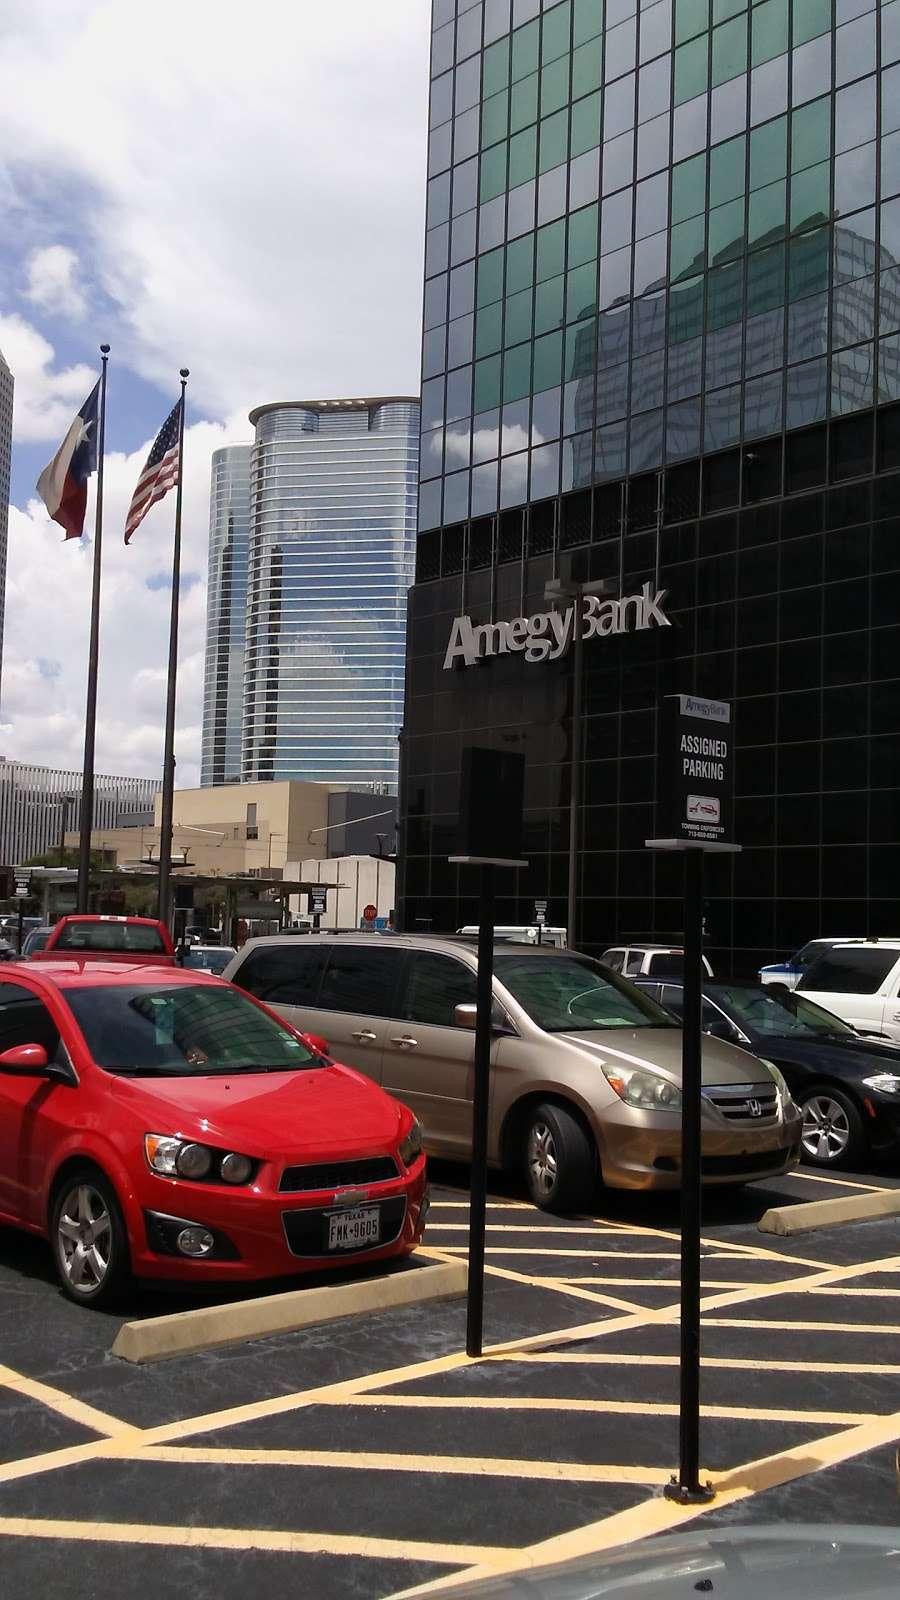 Amegy Bank - bank  | Photo 5 of 7 | Address: 2595 W Lake Houston Pkwy, Kingwood, TX 77339, USA | Phone: (713) 232-3355